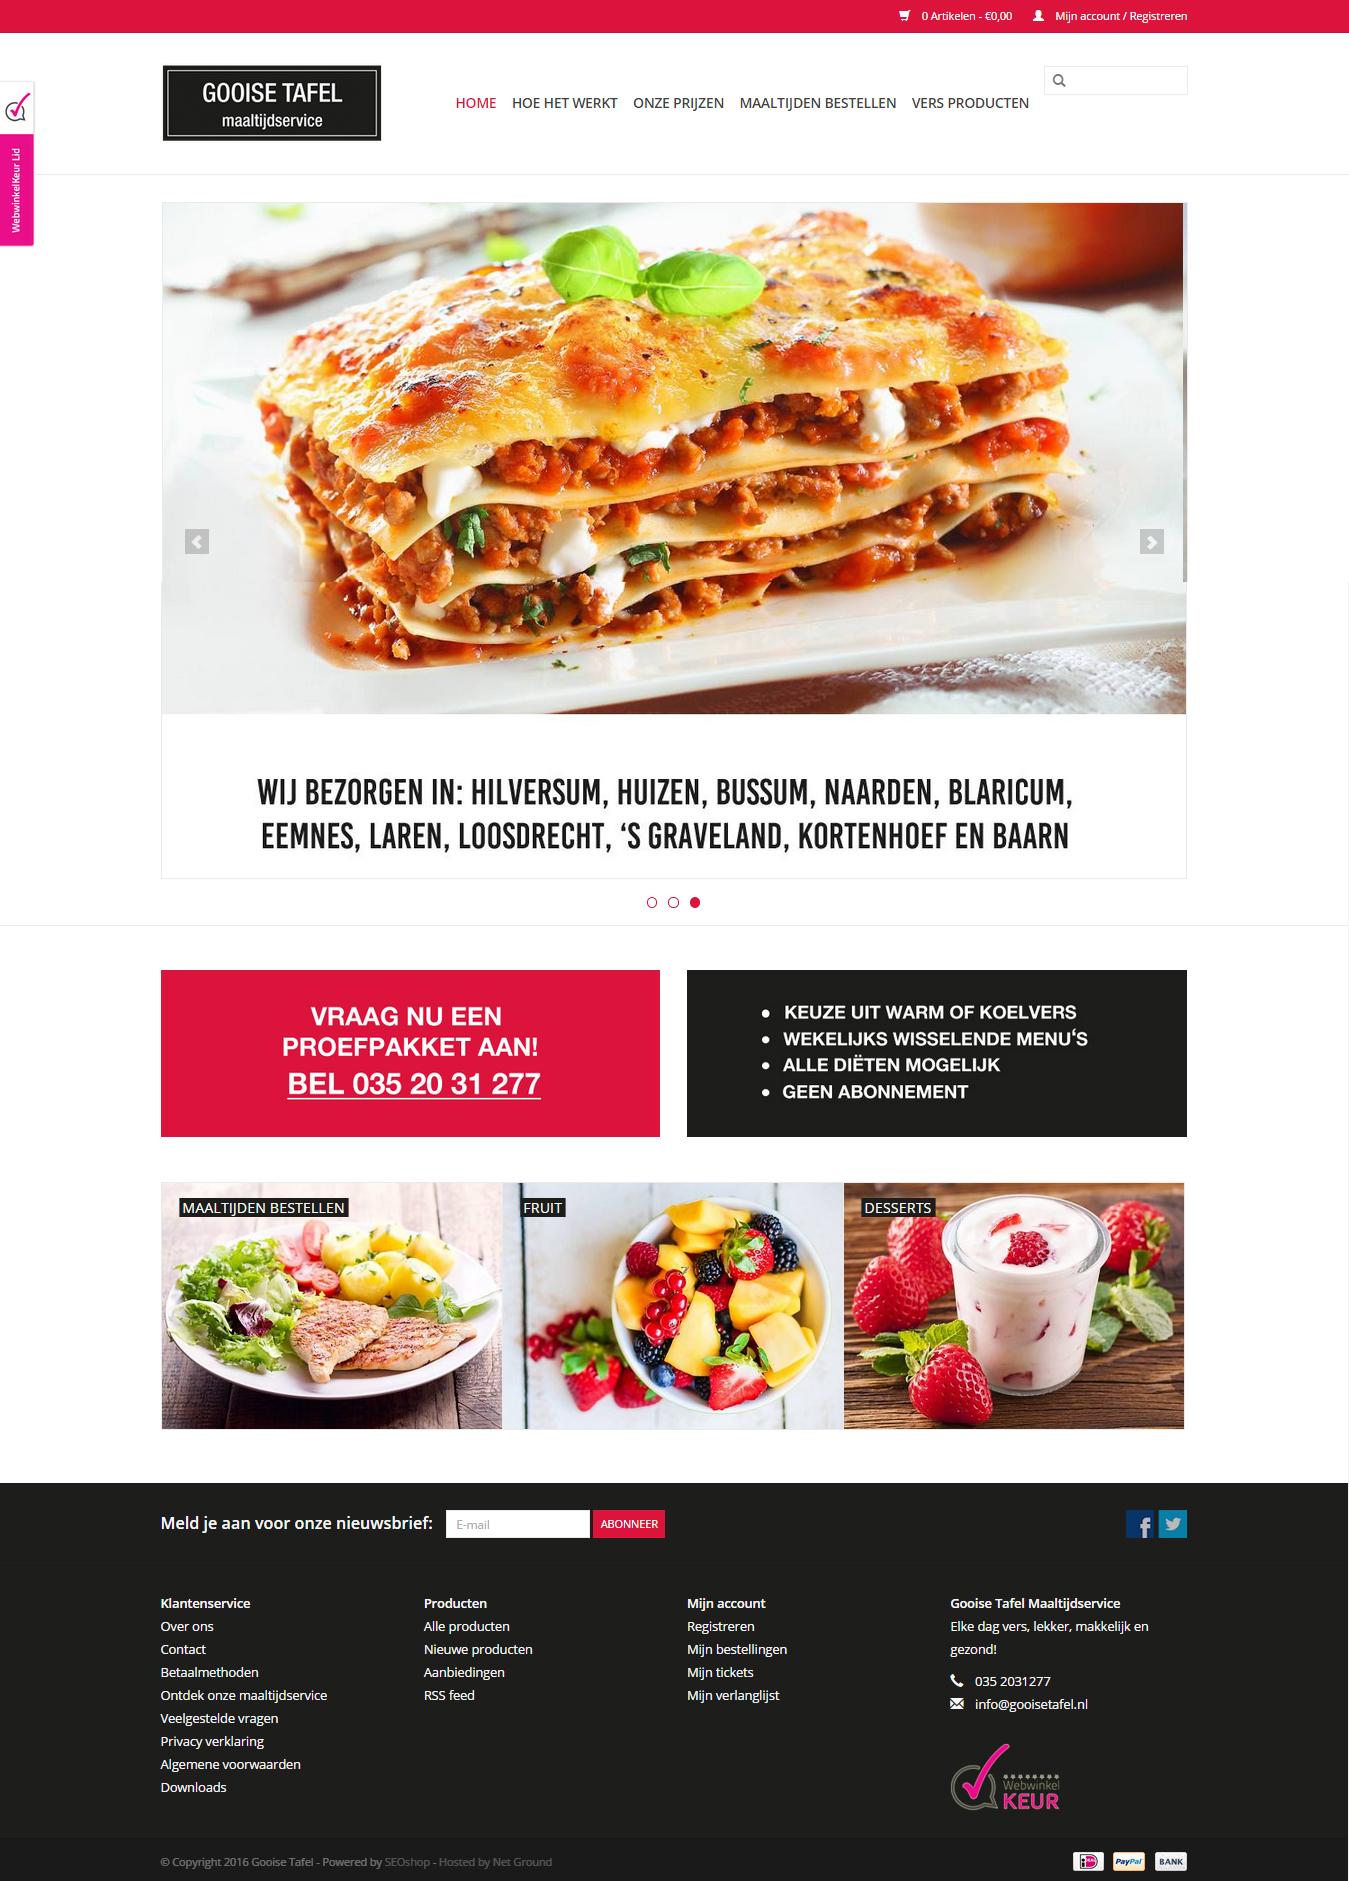 homepage-gooise-tafel.jpg